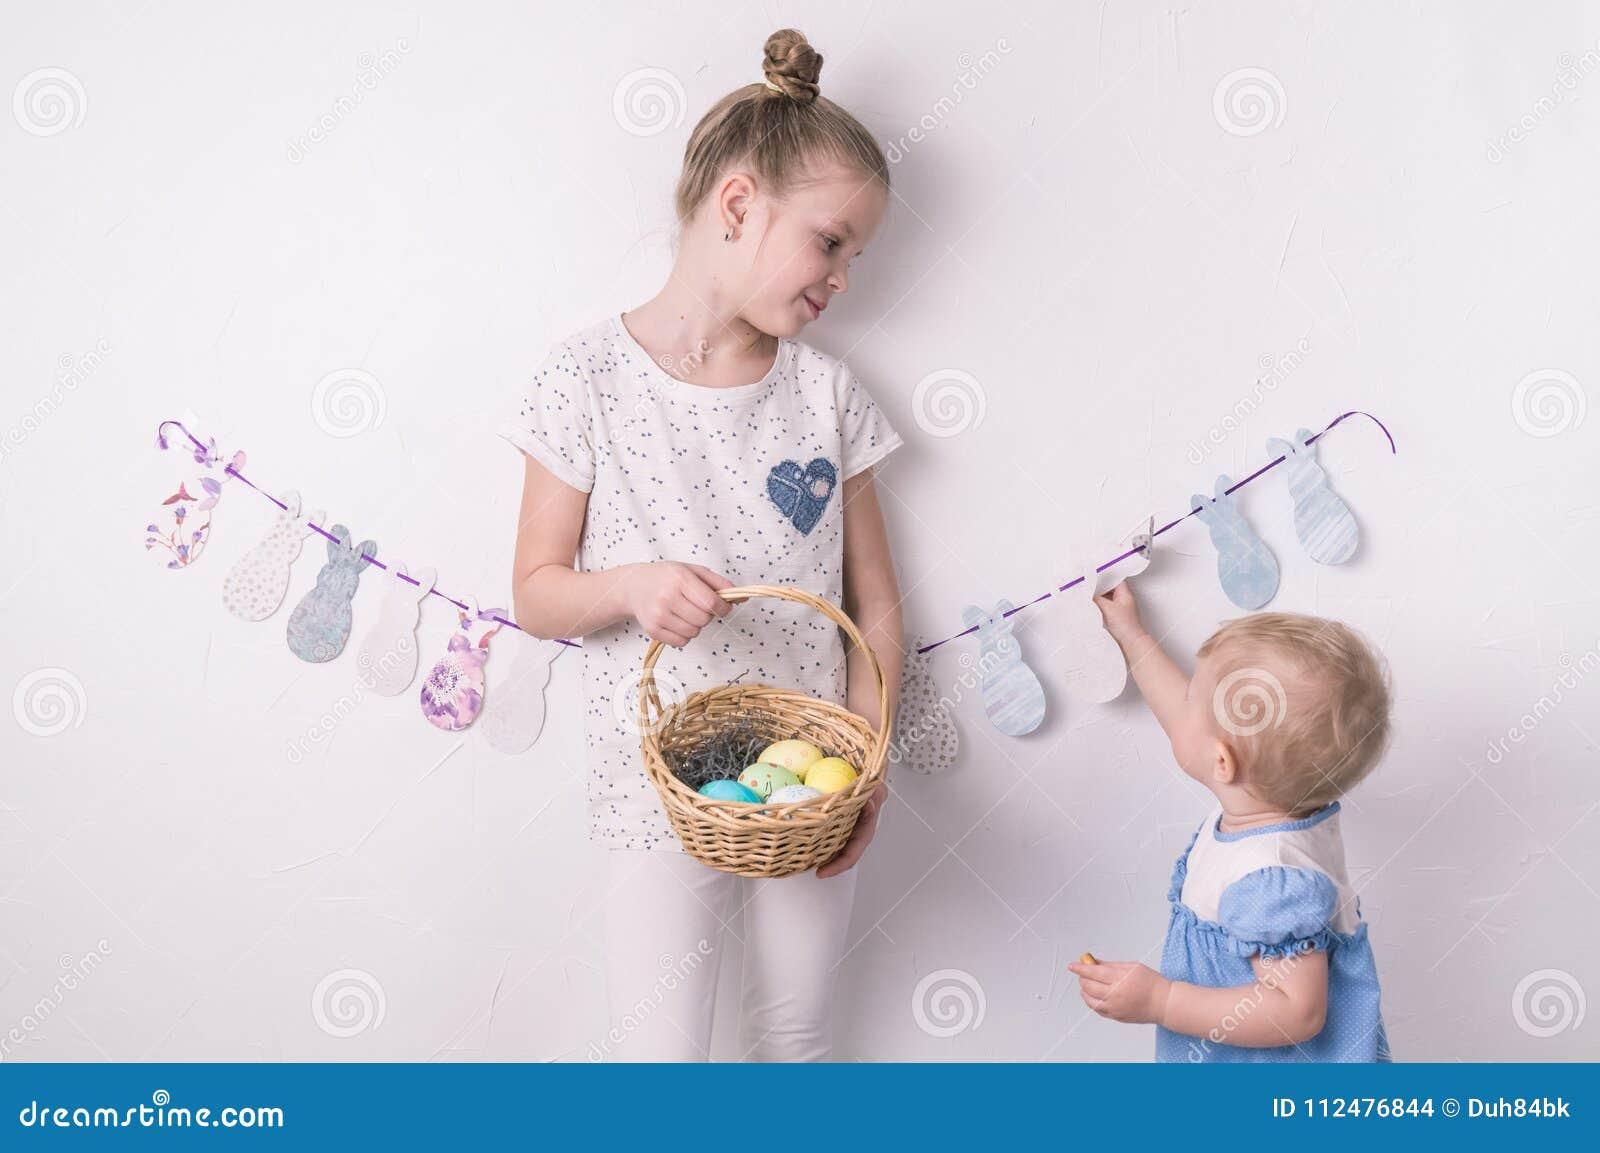 Συγχαρητήρια σε ευτυχές Πάσχα: το κορίτσι κρατά ένα καλάθι με τα χρωματισμένα αυγά από τον άσπρο τοίχο